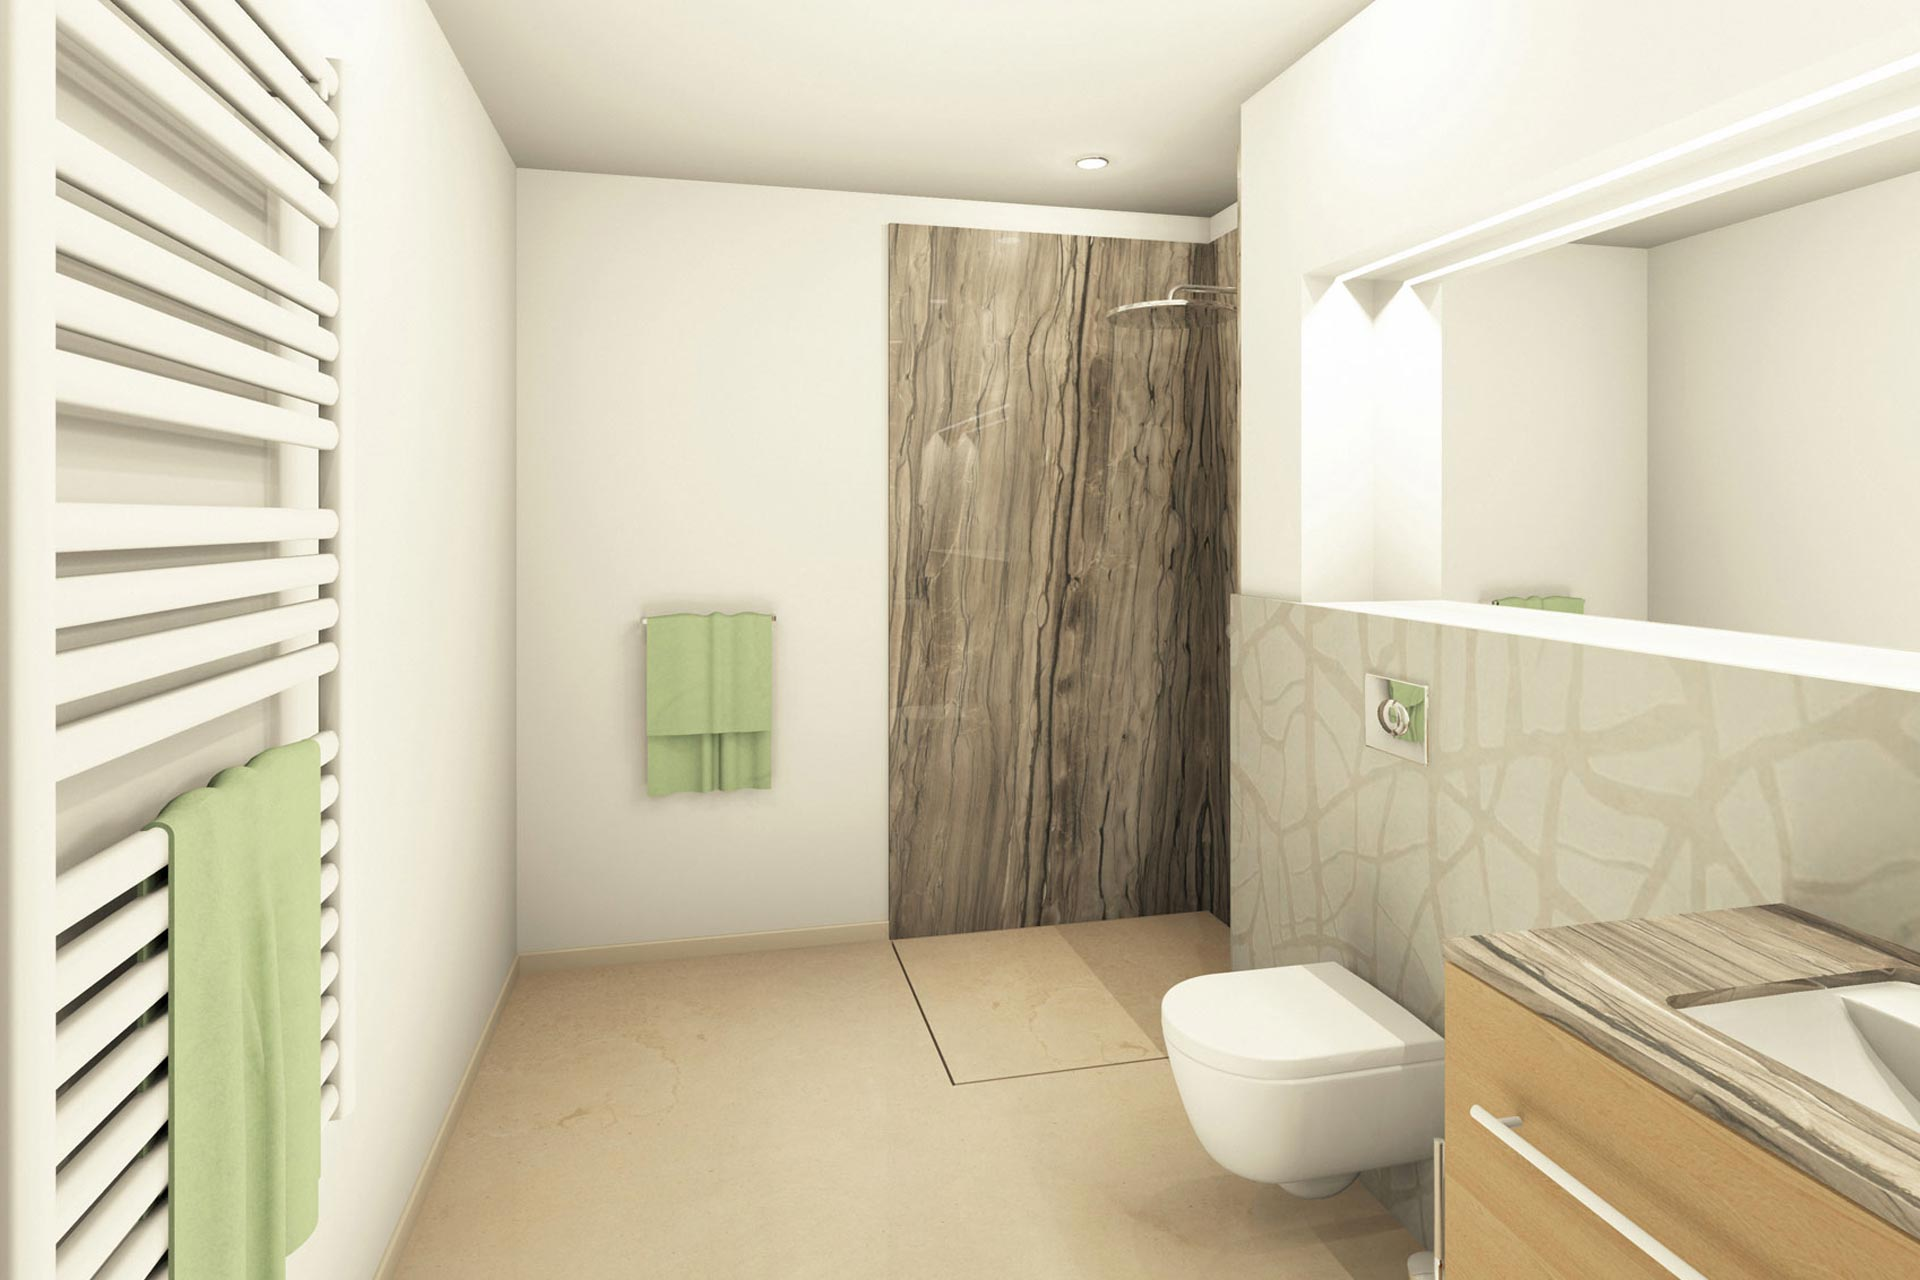 jauer-badezimmer-planung-2